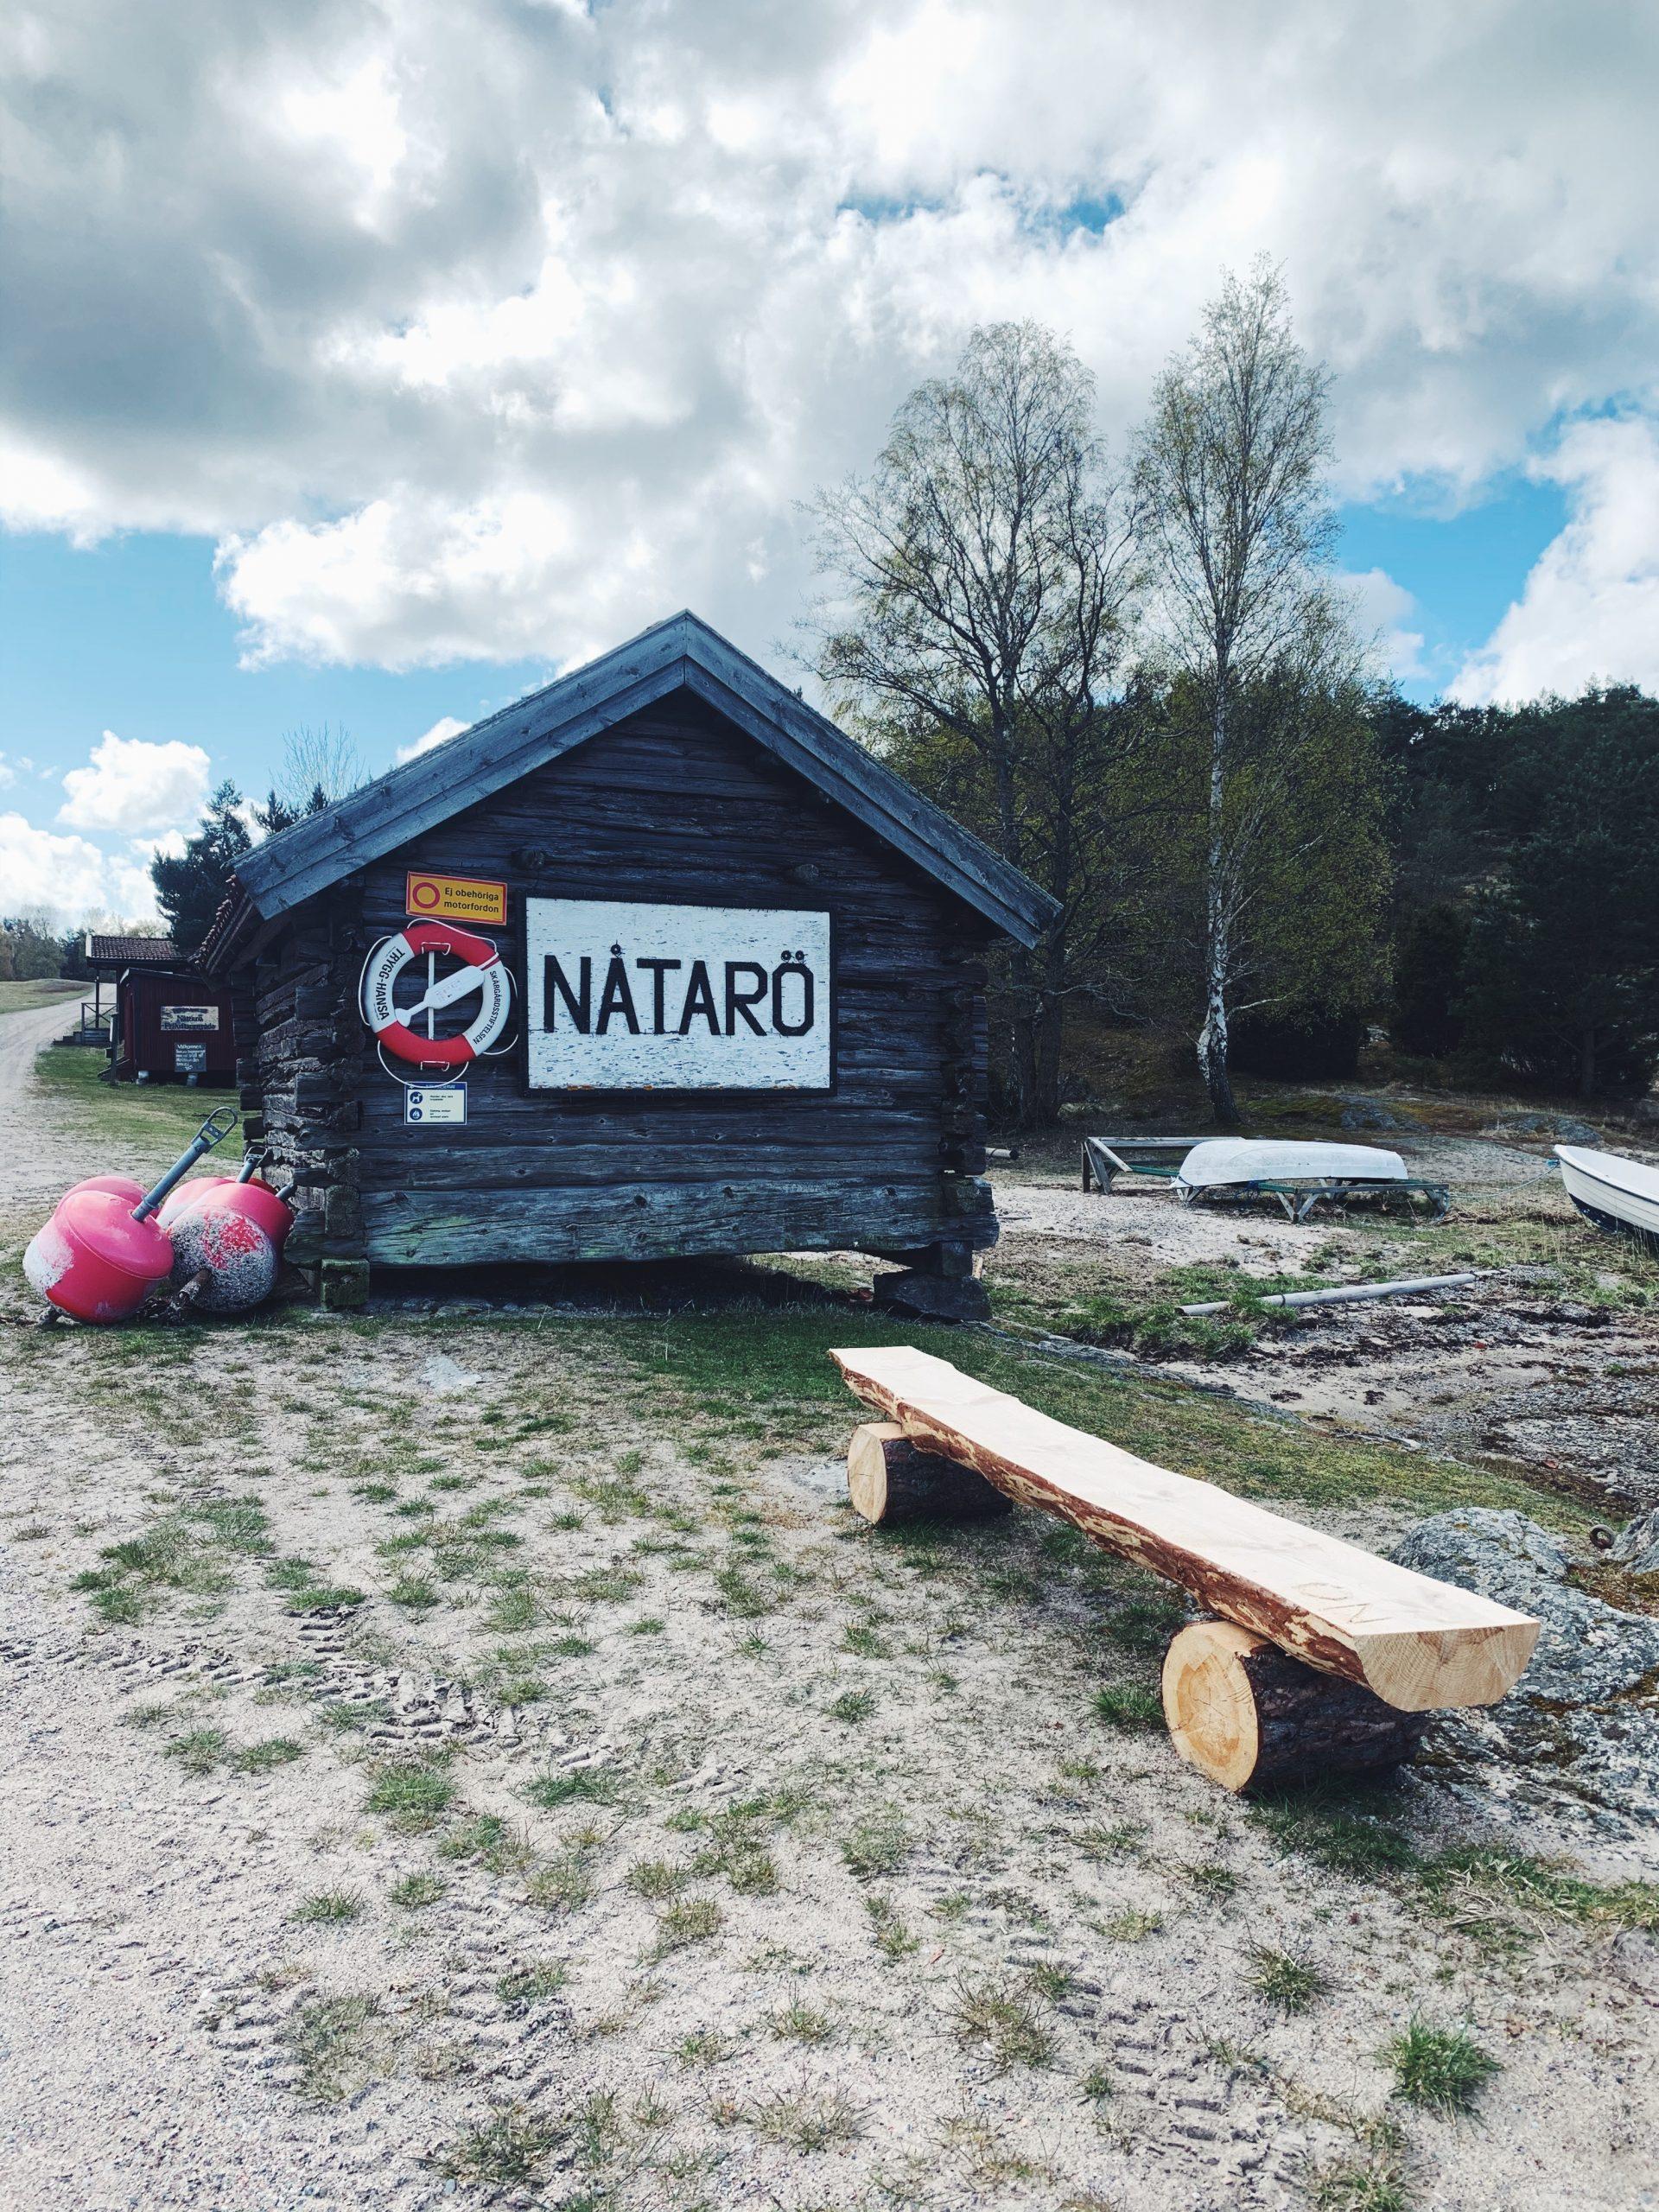 """Bild på det första en går förbi vid ankomst till Ångbåtsbryggan på Nåttarö. En gammal stuga med livboj och skylt som lyder """"Nåtarö"""", den tidigare stavningen av vår populära skärgårdsö."""